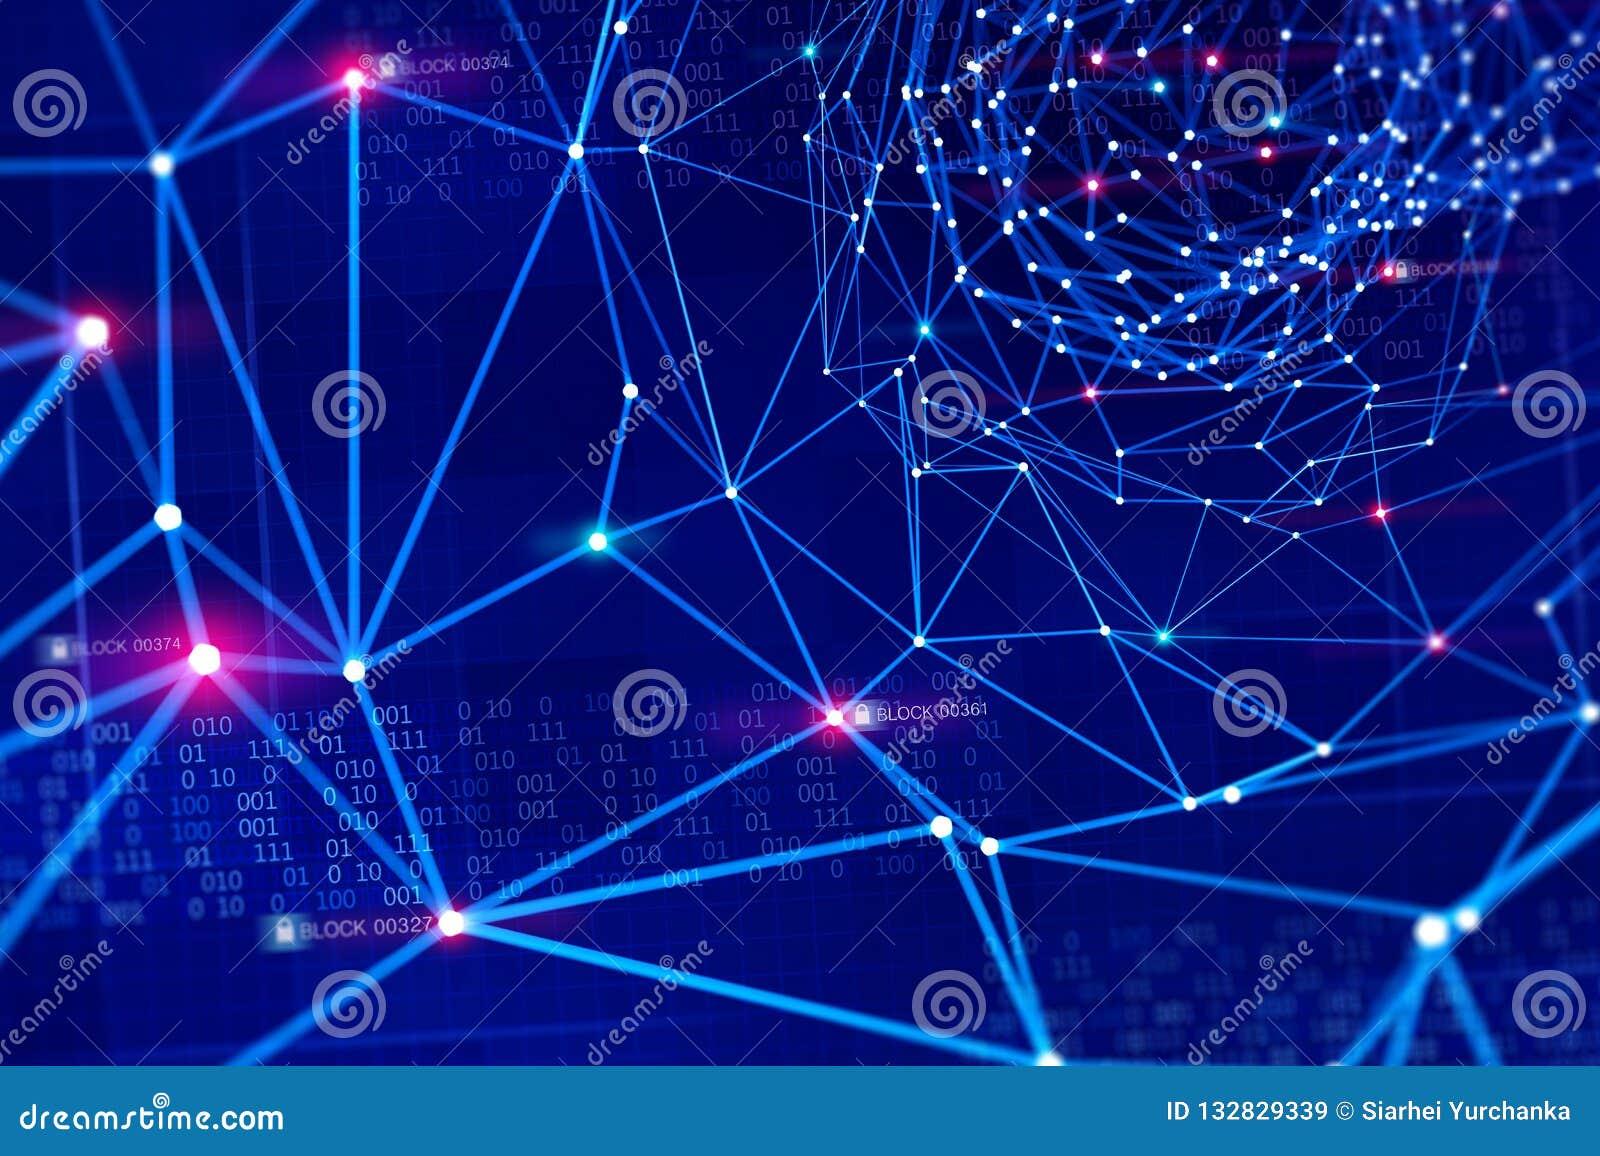 Παγκόσμιο δίκτυο πληροφοριών Προστασία και αποθήκευση των ψηφιακών στοιχείων που χρησιμοποιούν την τεχνολογία blockchain Νοημοσύν